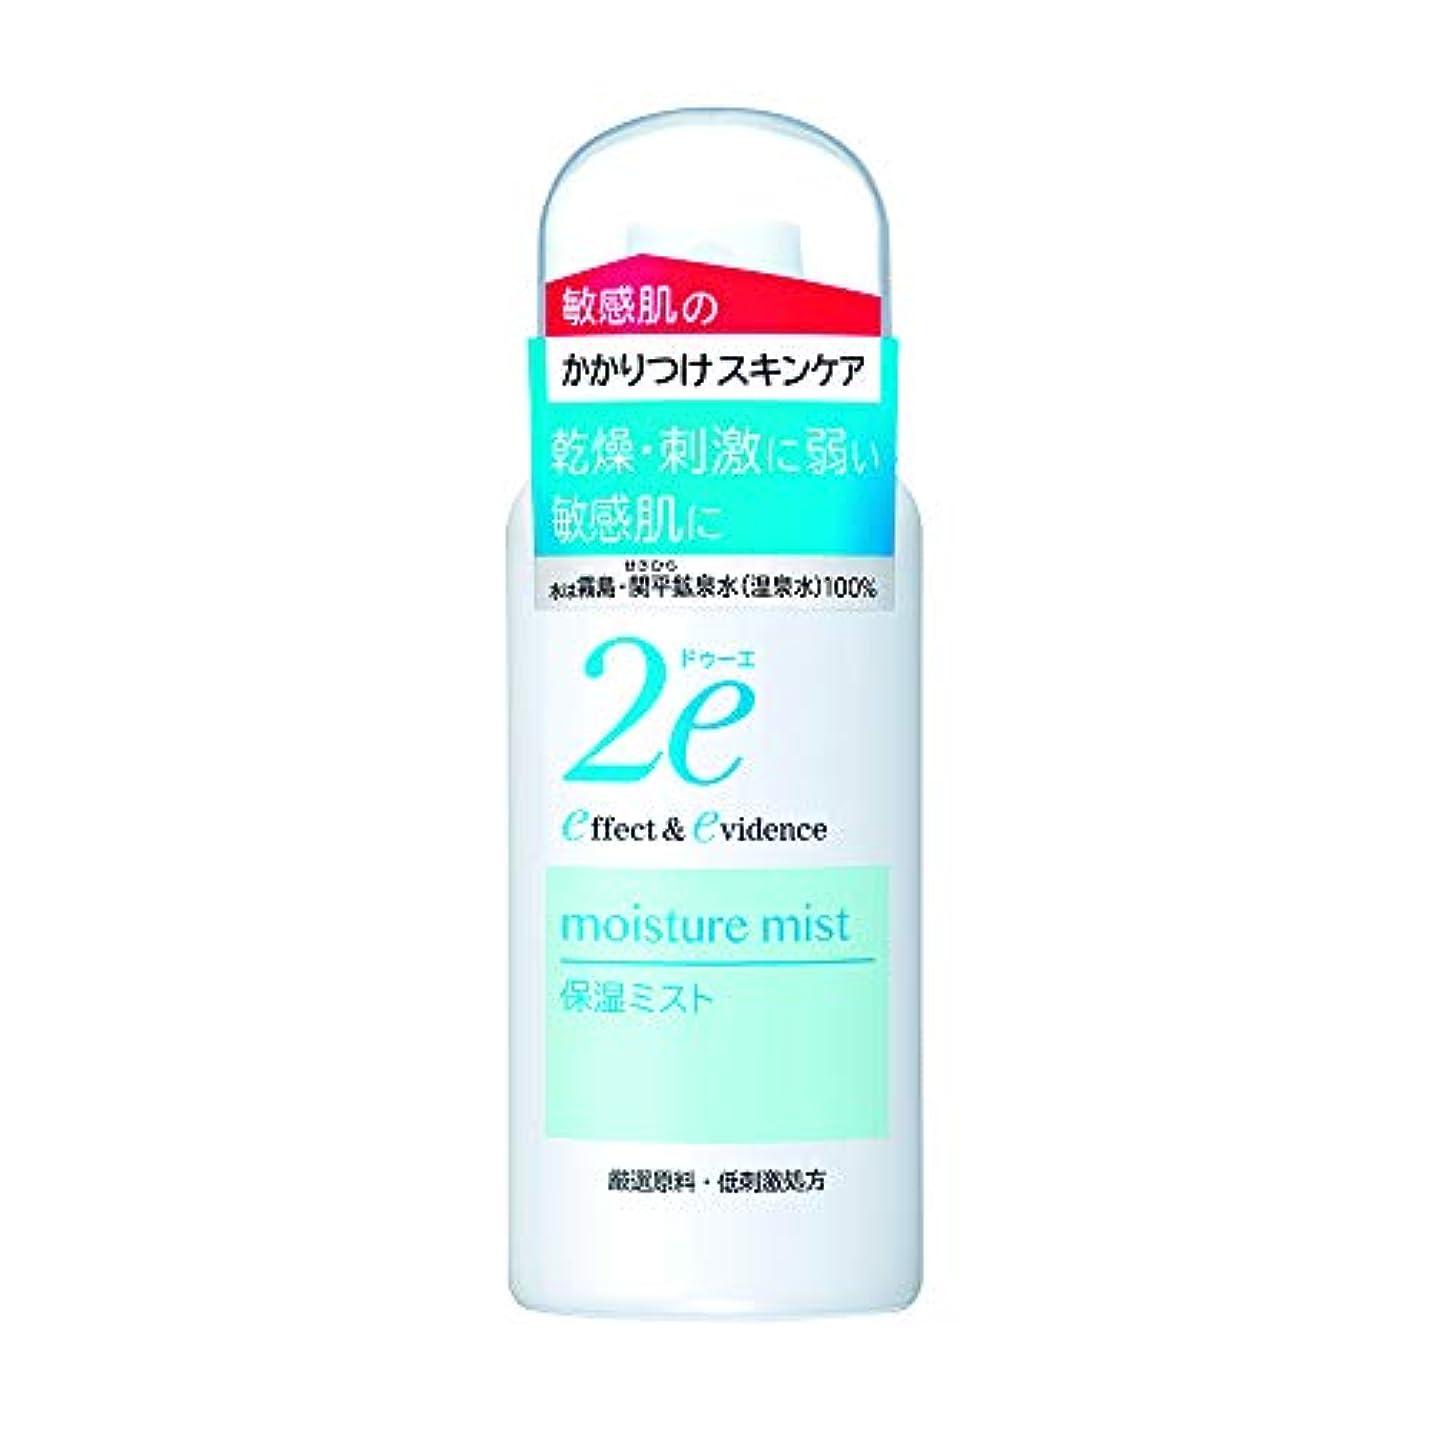 元に戻すつかむポンプ2e(ドゥーエ) ドゥーエ 保湿ミスト(携帯) 化粧水 50g